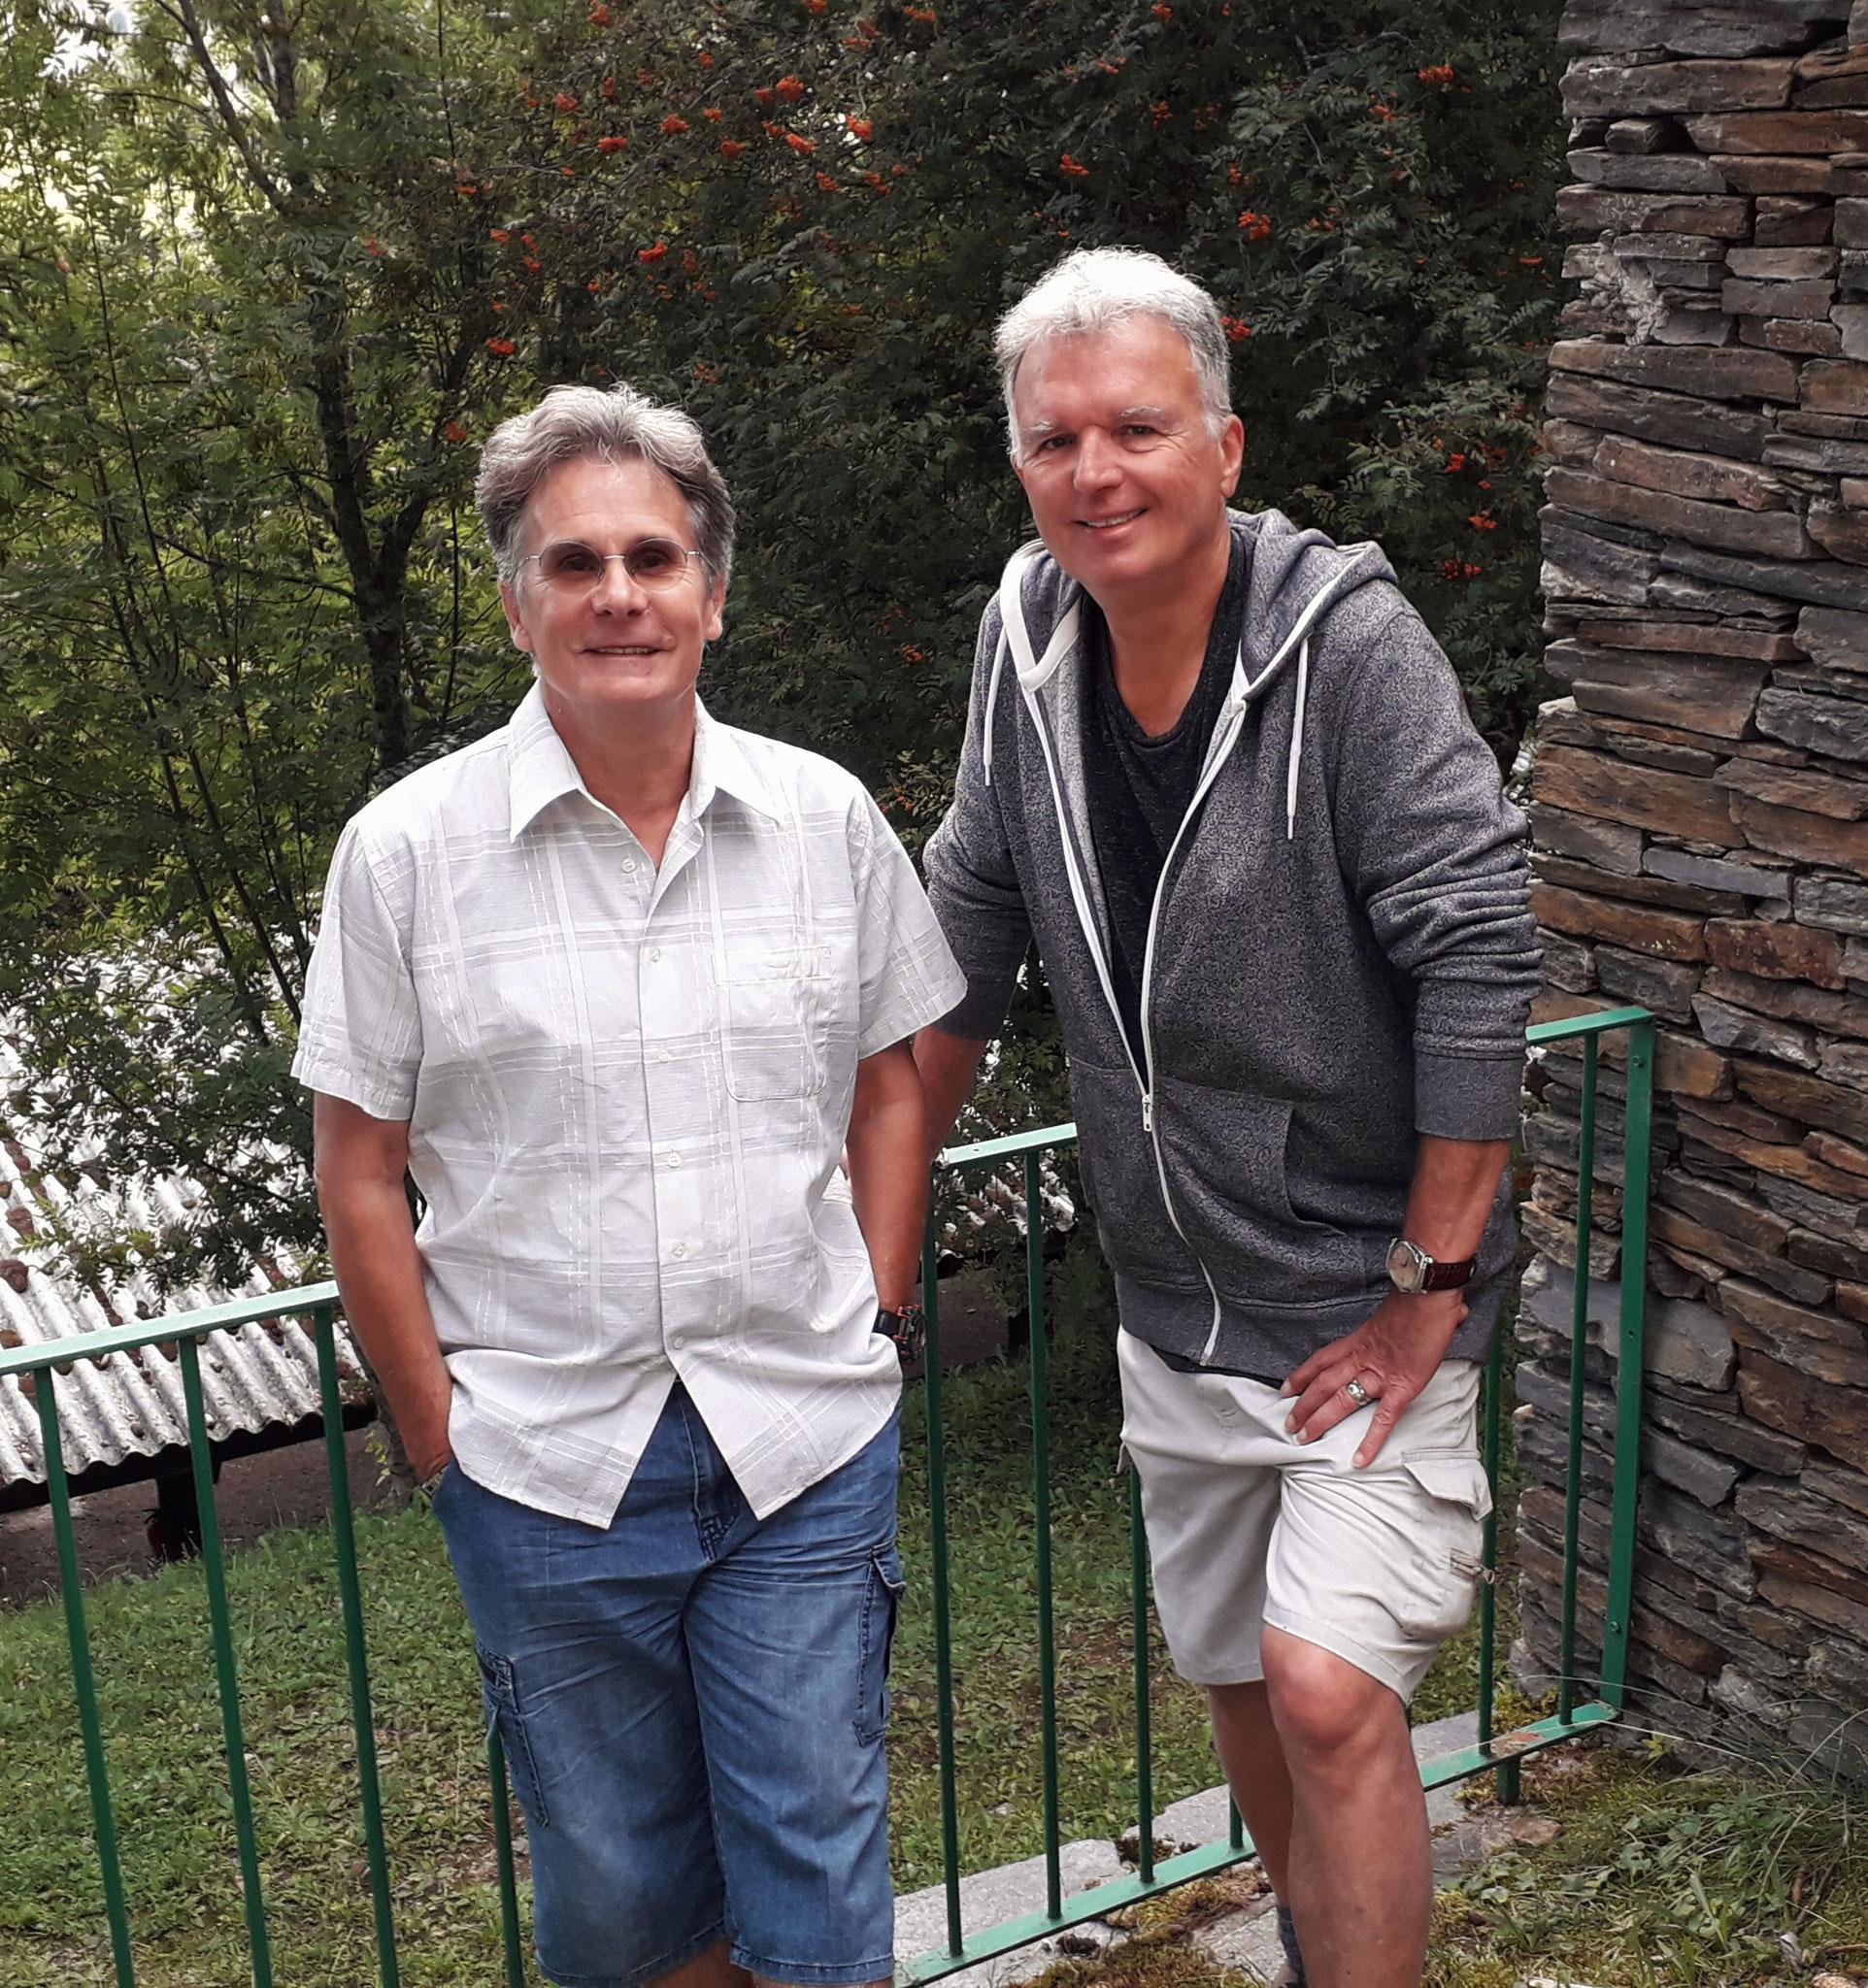 Robert et Alain, 2 amoureux de la Lozère